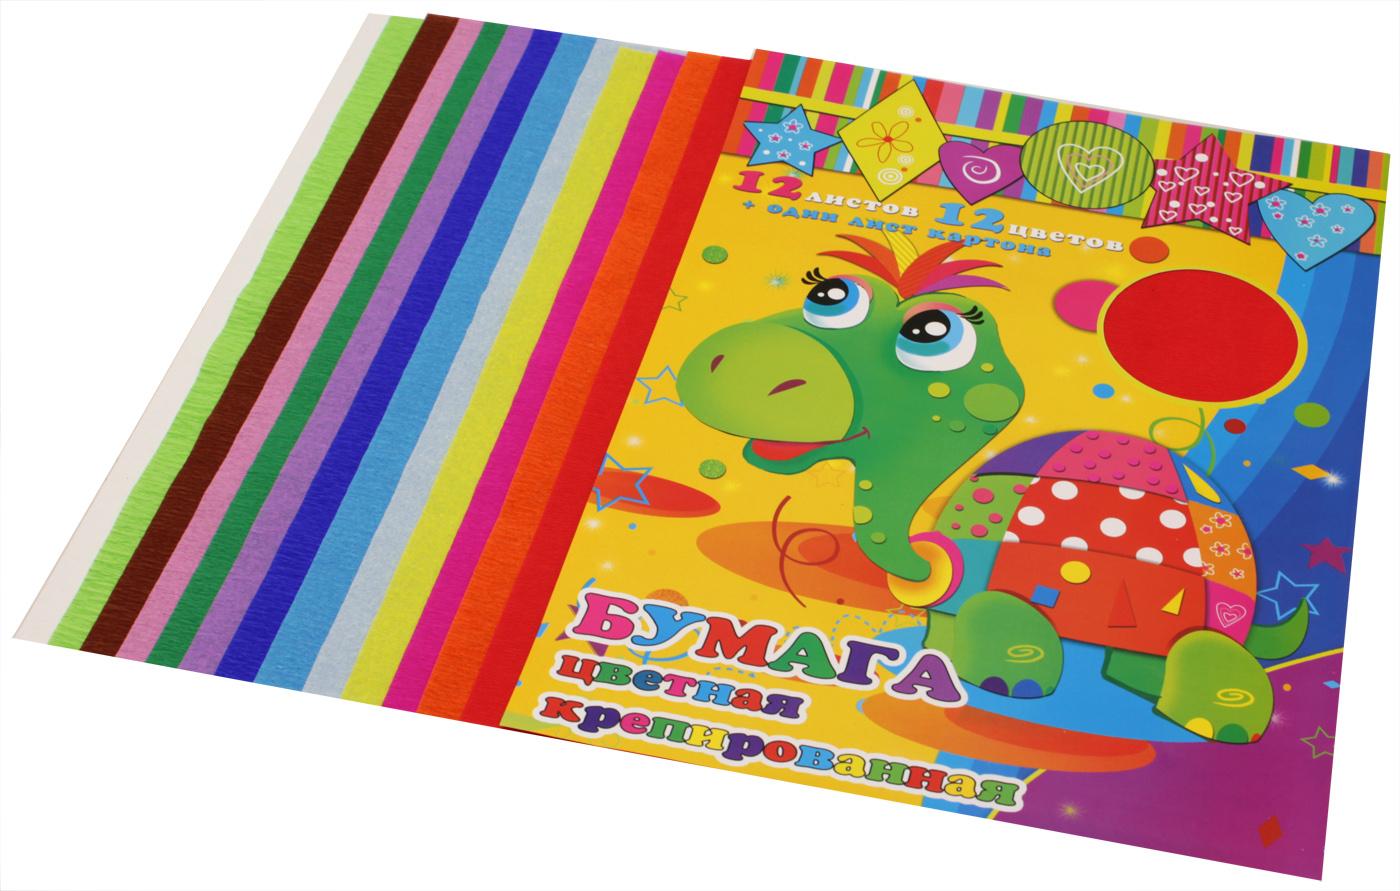 Феникс+ Бумага цветная крепированная 12 листов + 1 лист картона31376Цвета в набор: красный, белый, оранжевый, малиновый, желтый, голубой, синий, сиреневый, зеленый, салатовый, розовый, коричневый Размер: 210х297 мм В наборе 12 листов бумаги (12 цветов) + 1 лист картона